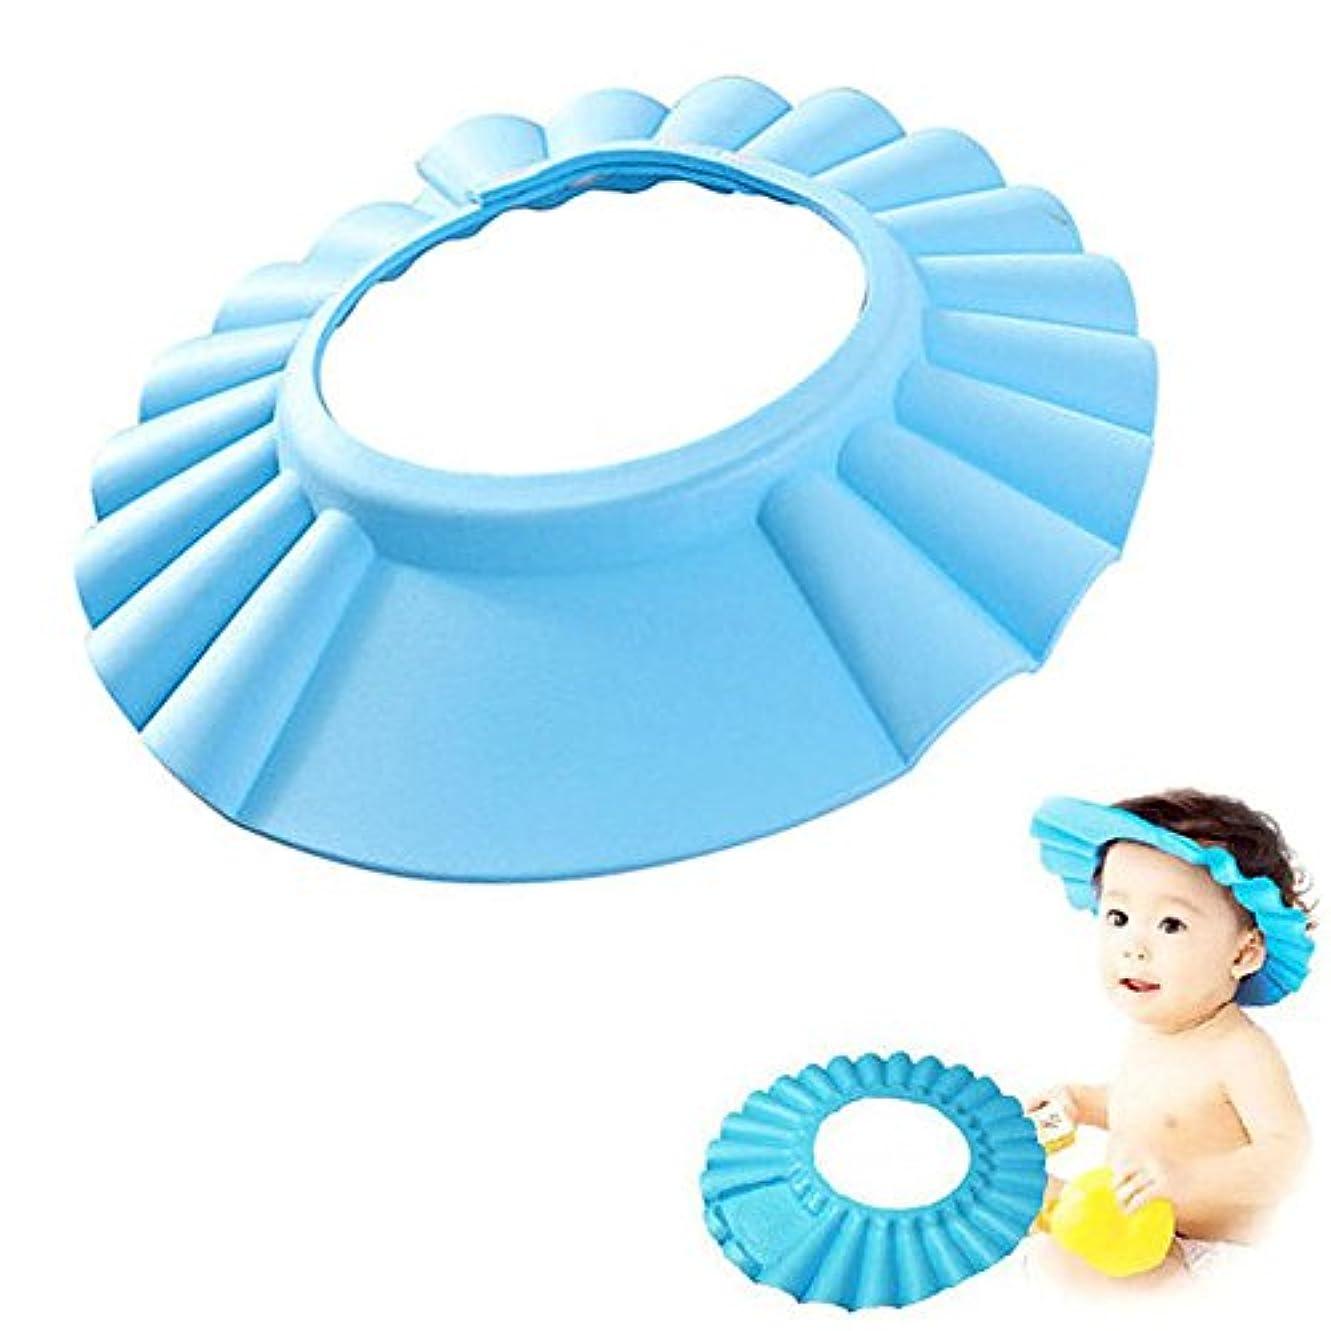 迷信バイソン欠陥シャンプーハット 子供 洗髪用帽子 お風呂 防水帽 水漏れない樹脂 サイズ調節 (ブルー)